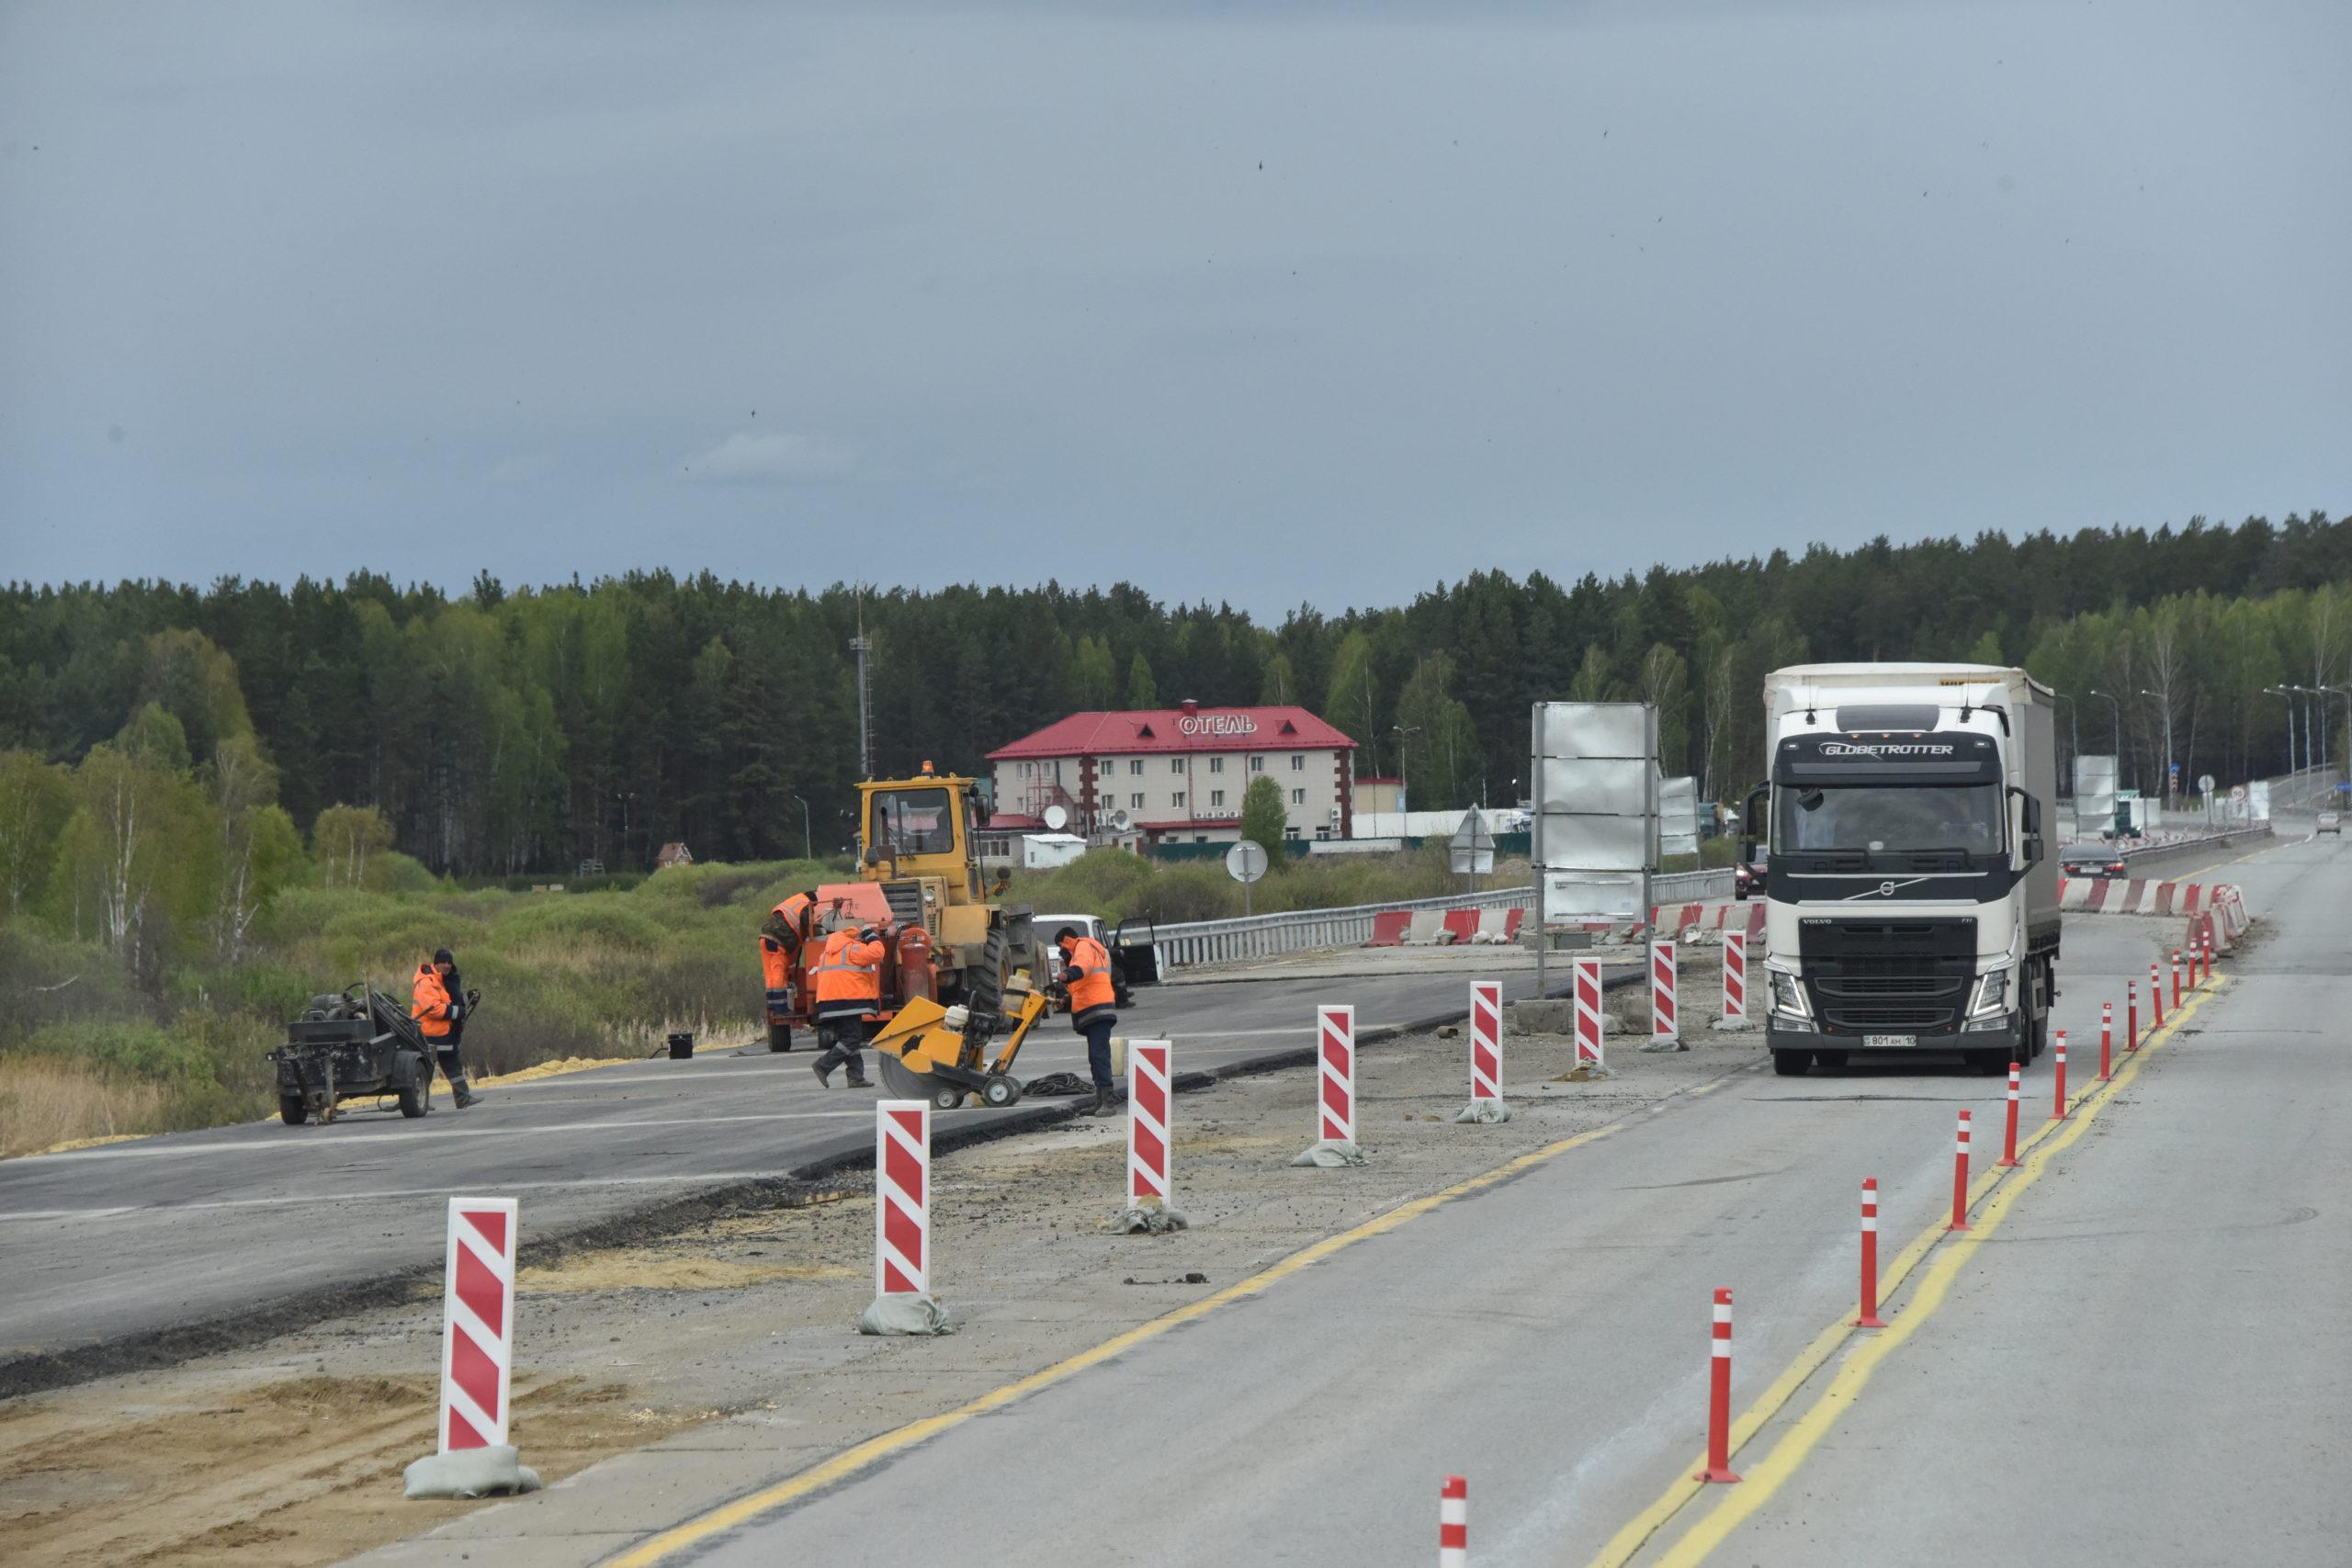 IT-квартал, концертный зал и транспорт: губернатор Текслер рассказал, как преобразится Челябинск